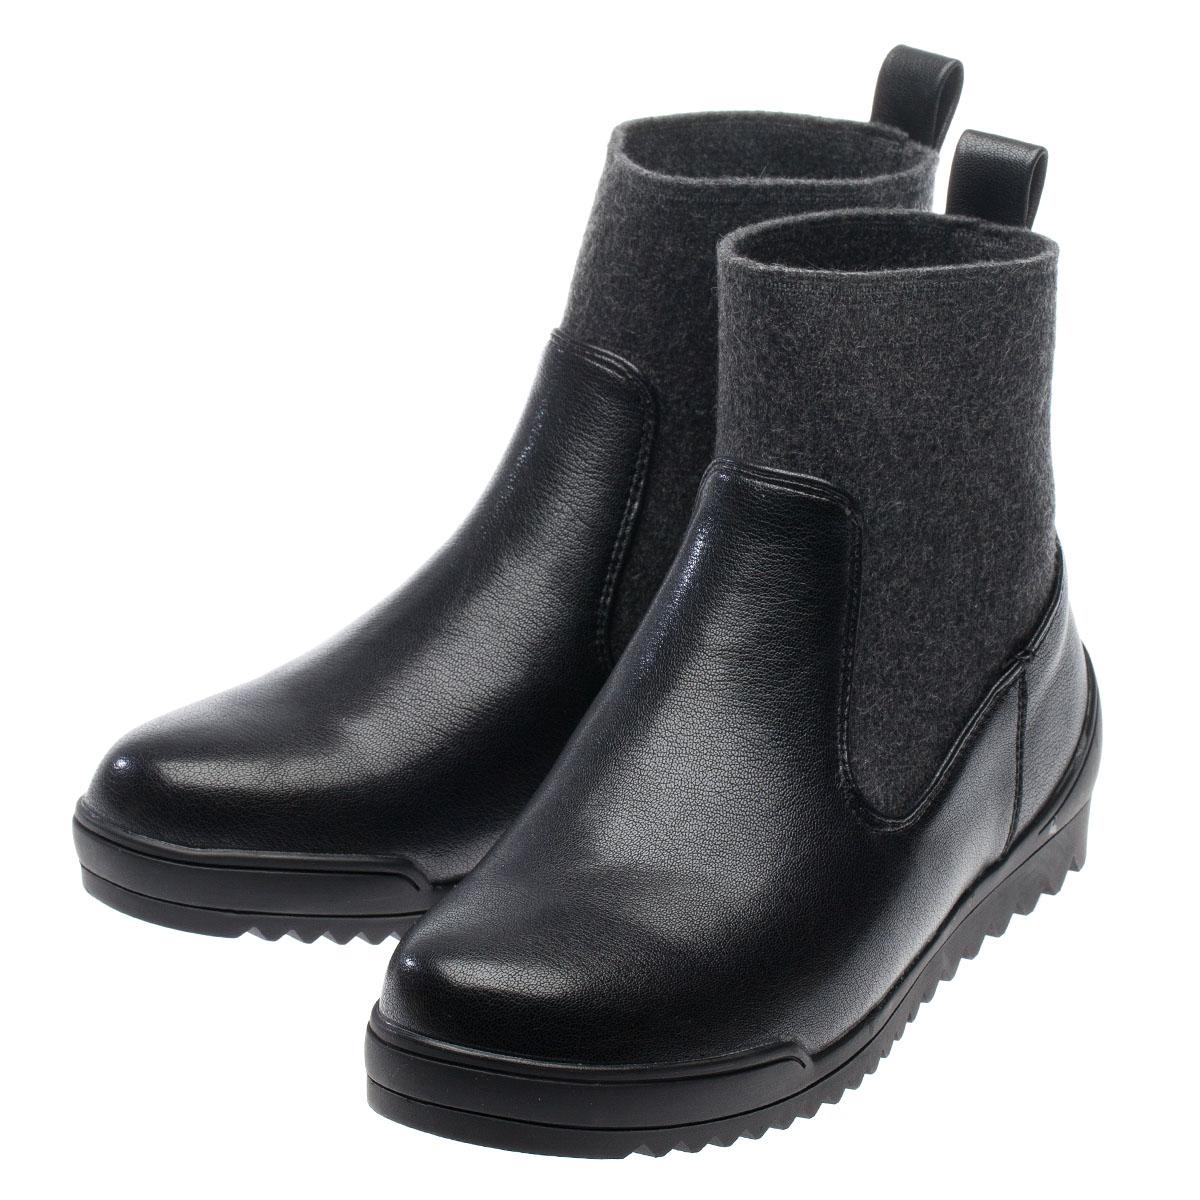 Ботинки демисезонные FERTO, D17-5692